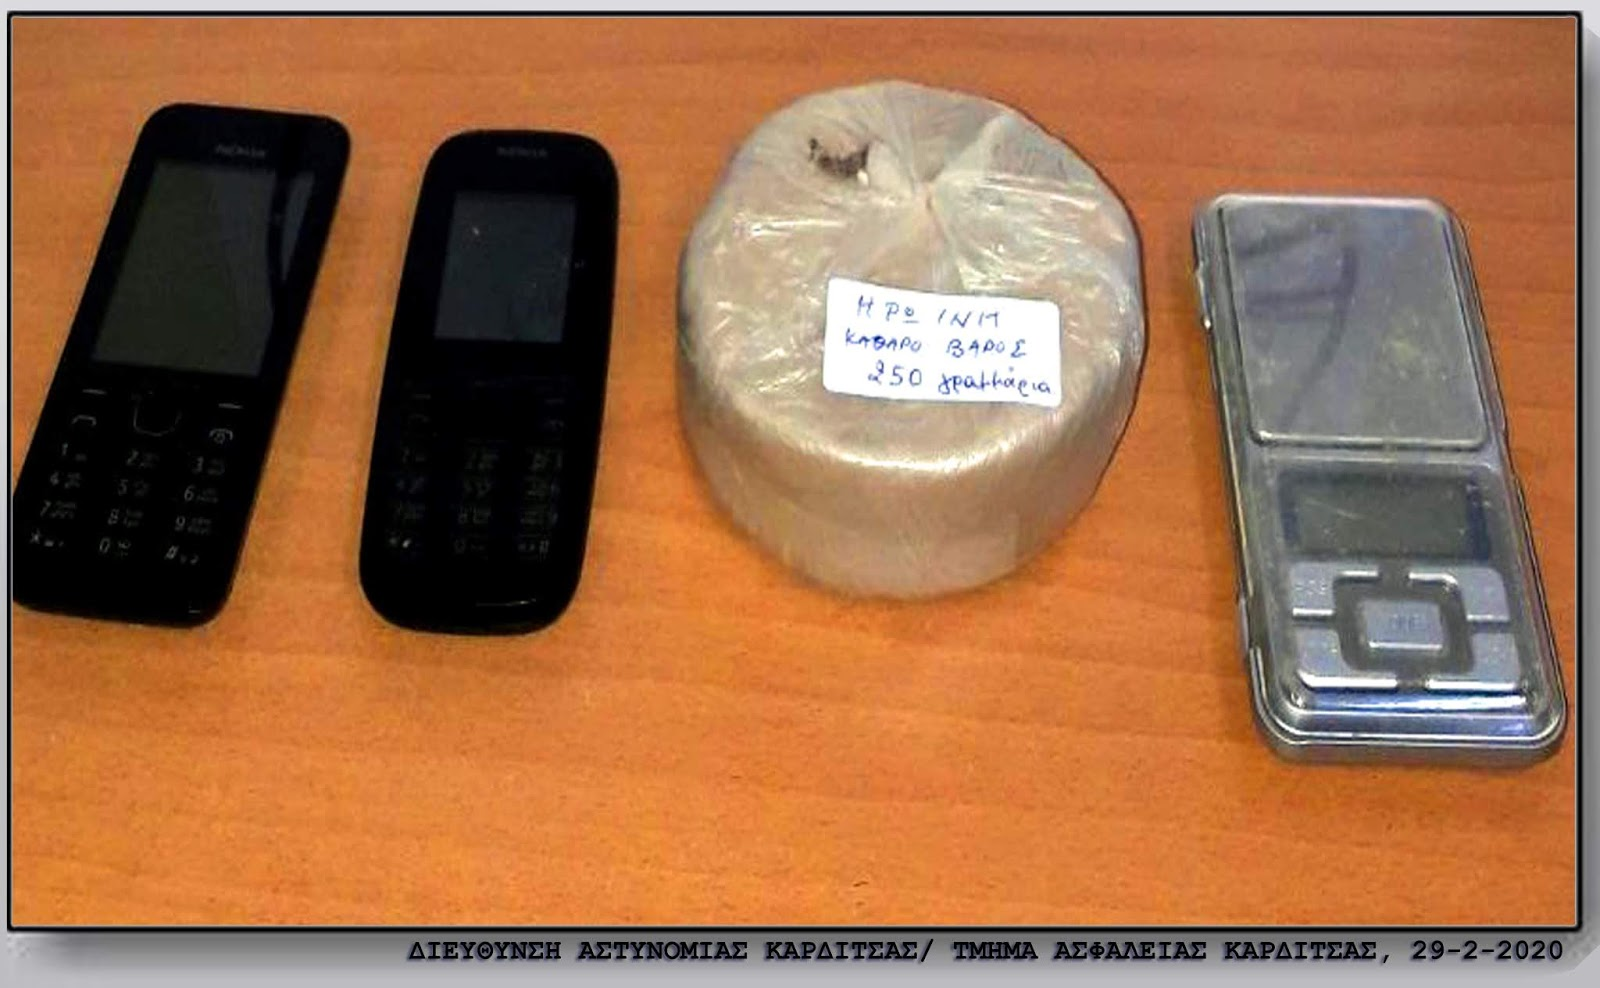 Συνελήφθησαν δύο άτομα στην ευρύτερη περιοχή της Καρδίτσας για ναρκωτικά